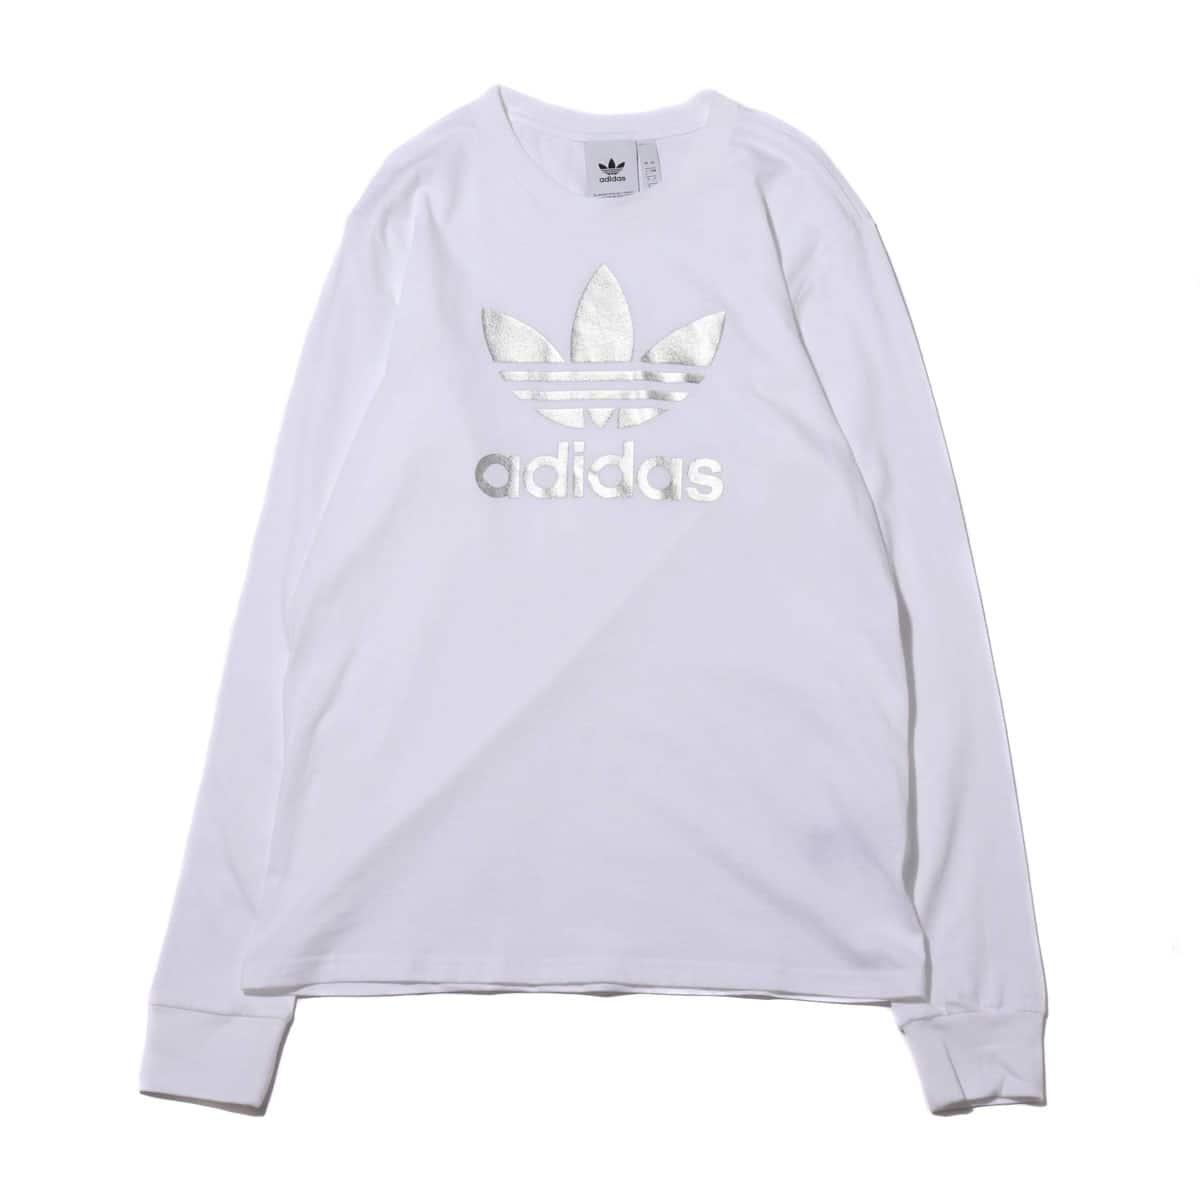 adidas TREFOIL LS TEE WHITE 19FW-I_photo_large